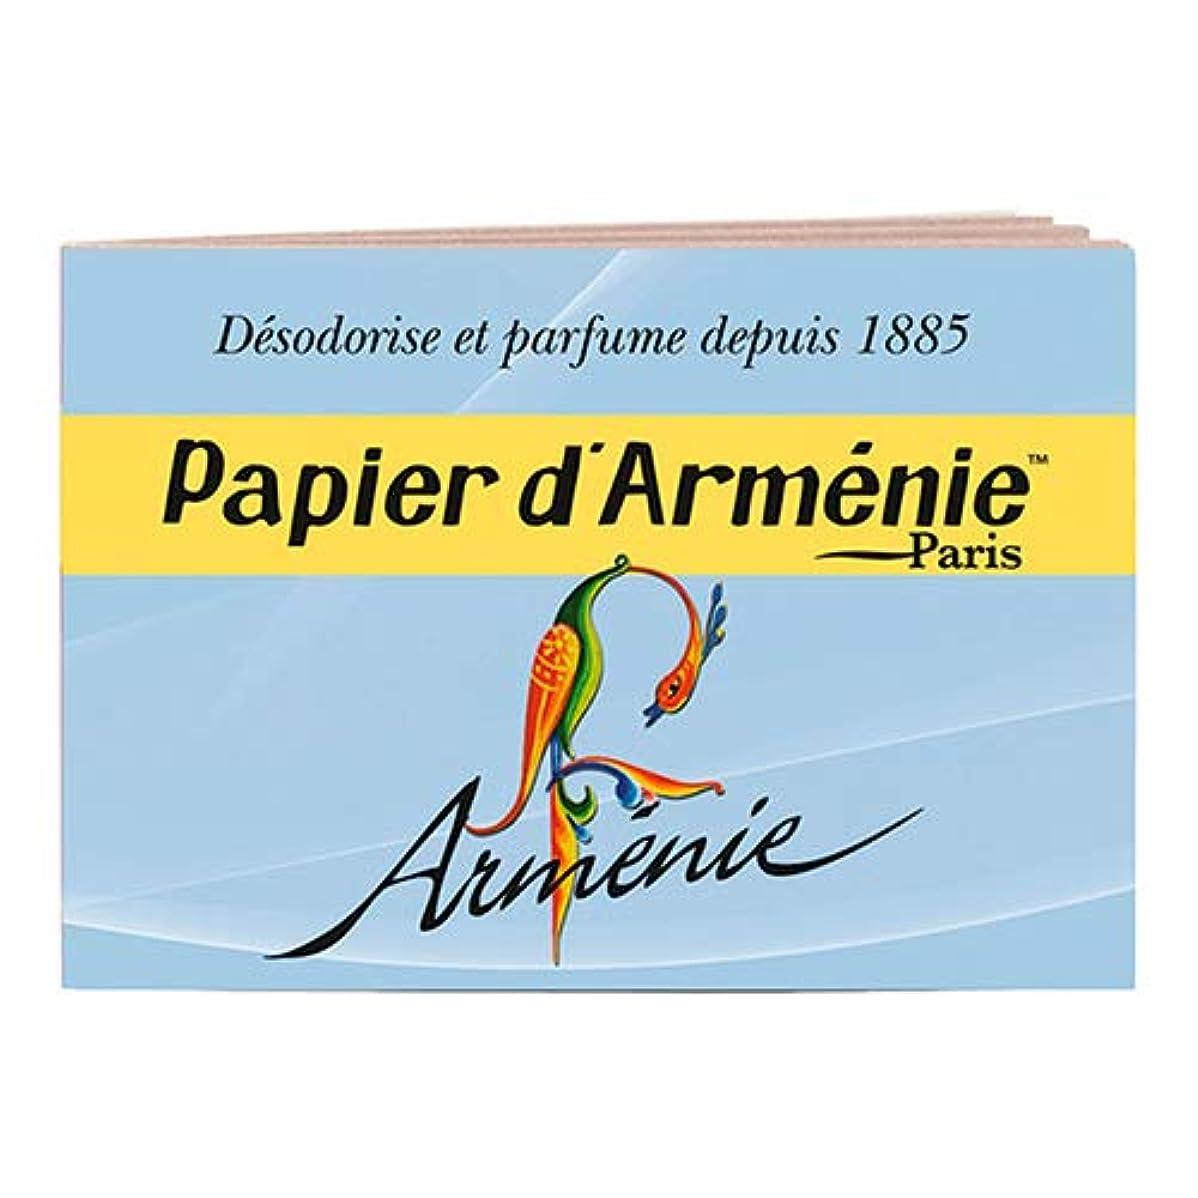 トライアスロンアミューズメントアデレード【パピエダルメニイ】トリプル 3×12枚(36回分) アルメニイ 紙のお香 インセンス アロマペーパー PAPIER D'ARMENIE [並行輸入品]